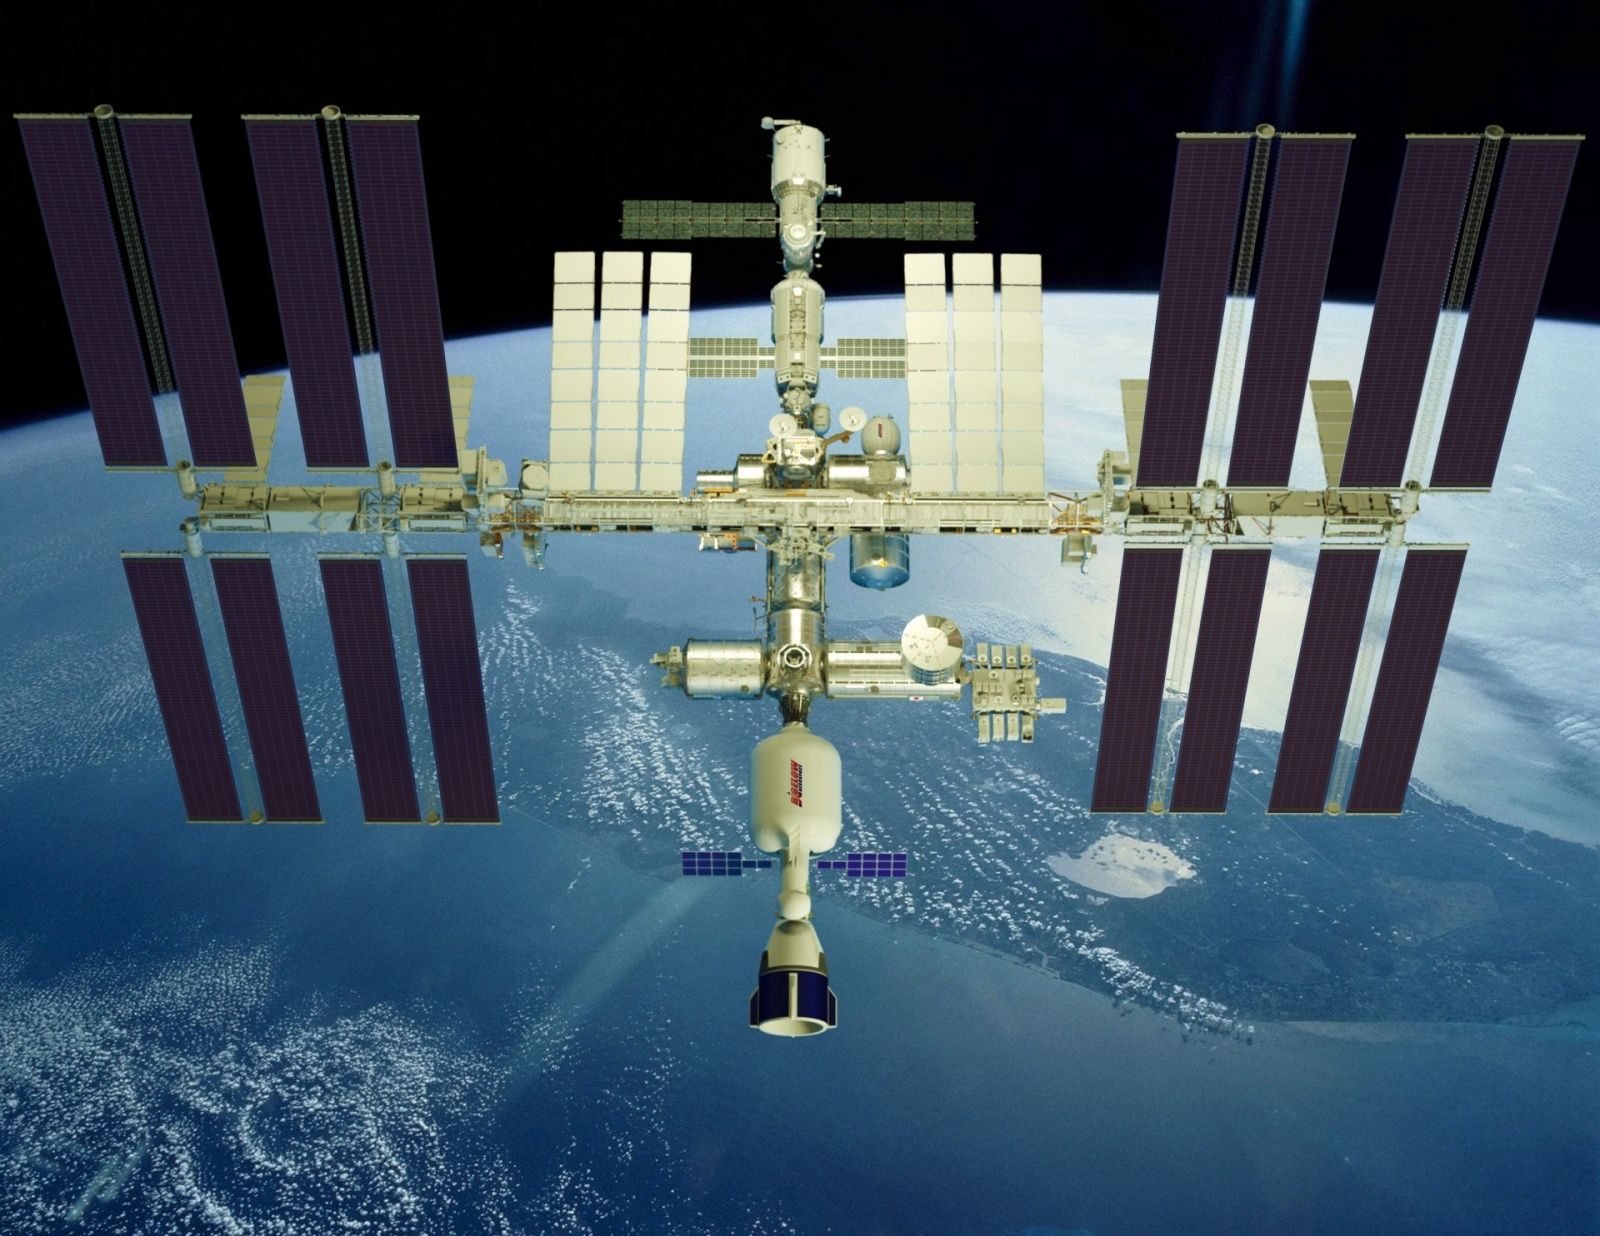 НАСА выбрало подрядчиков для разработки жилья в дальнем космосе - 3